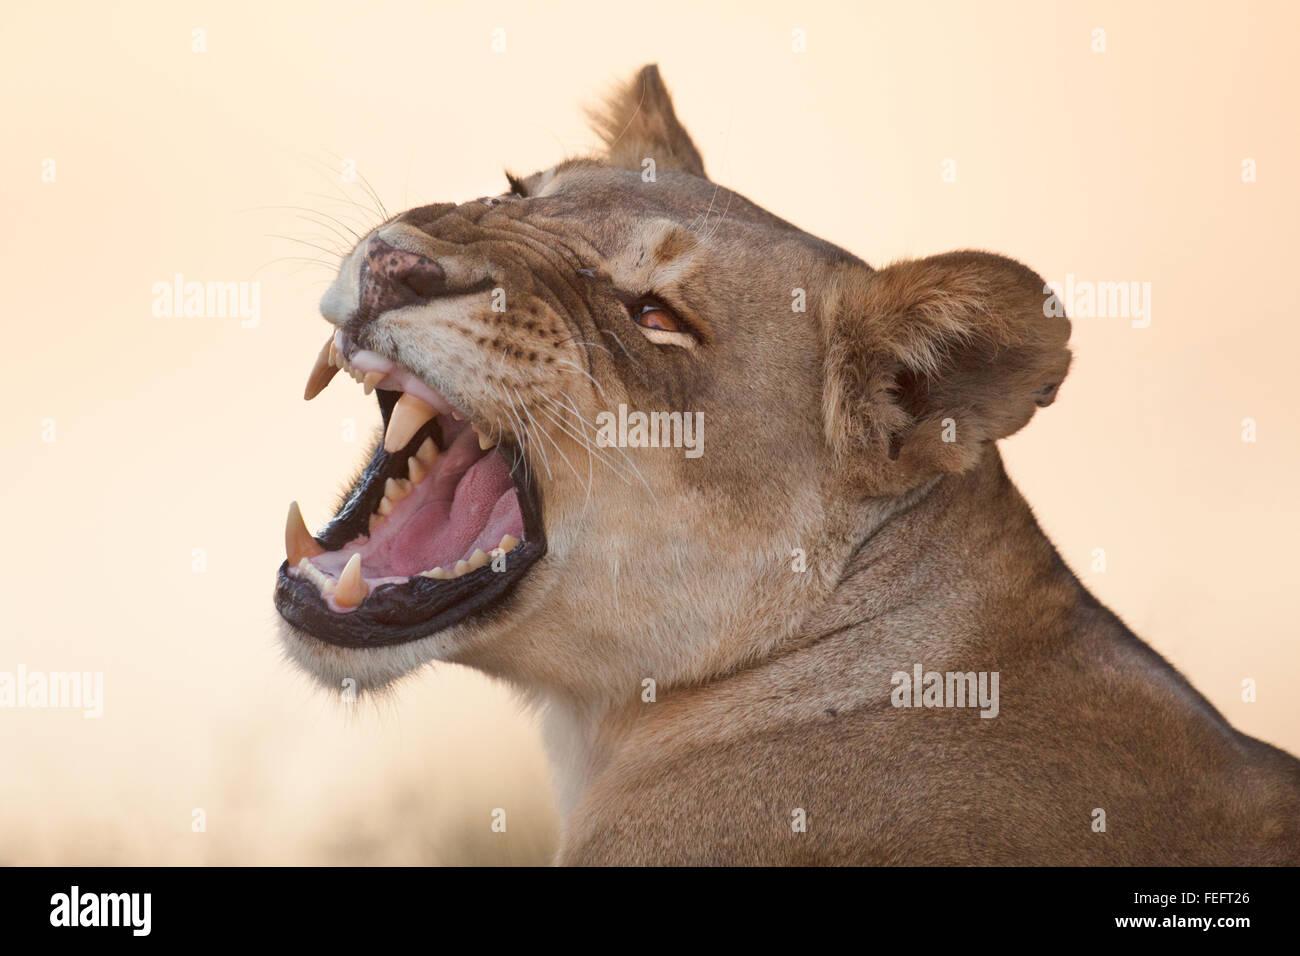 León en la sabana arbolada abierta Imagen De Stock